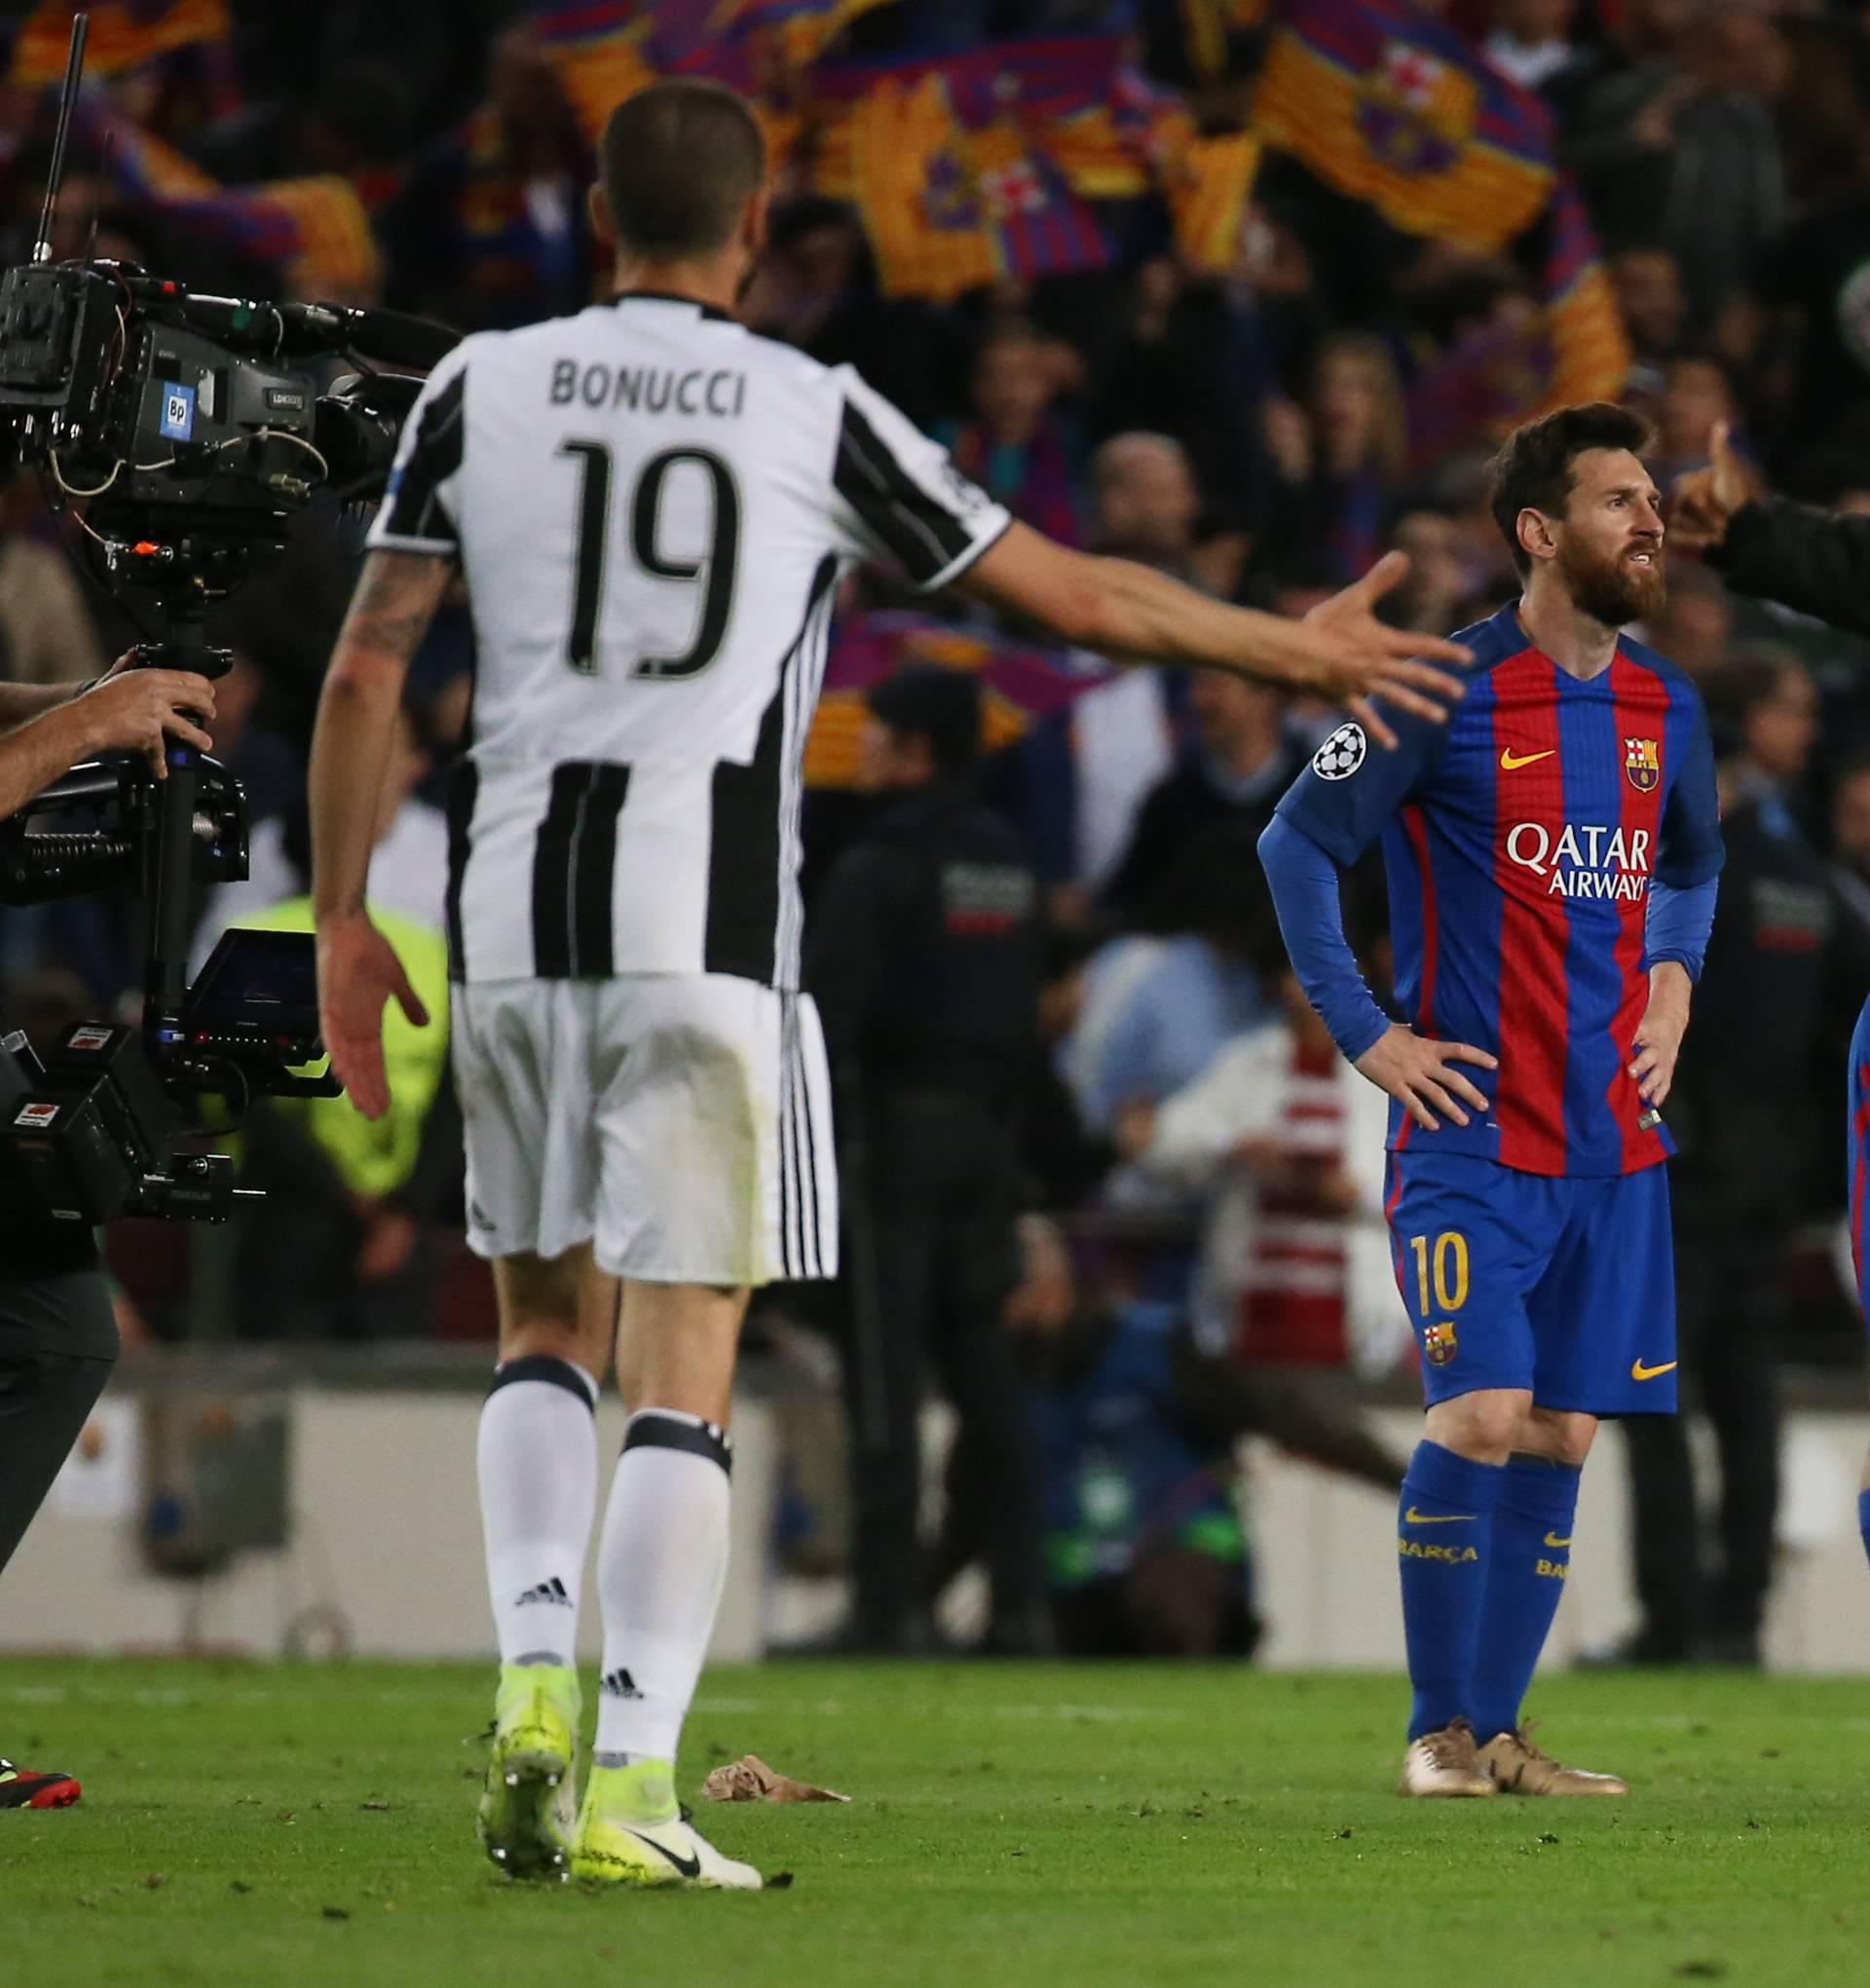 Juventus' Leonardo Bonucci and Juan Cuadrado  celebrate after the match as Barcelona's Lionel Messi looks dejected